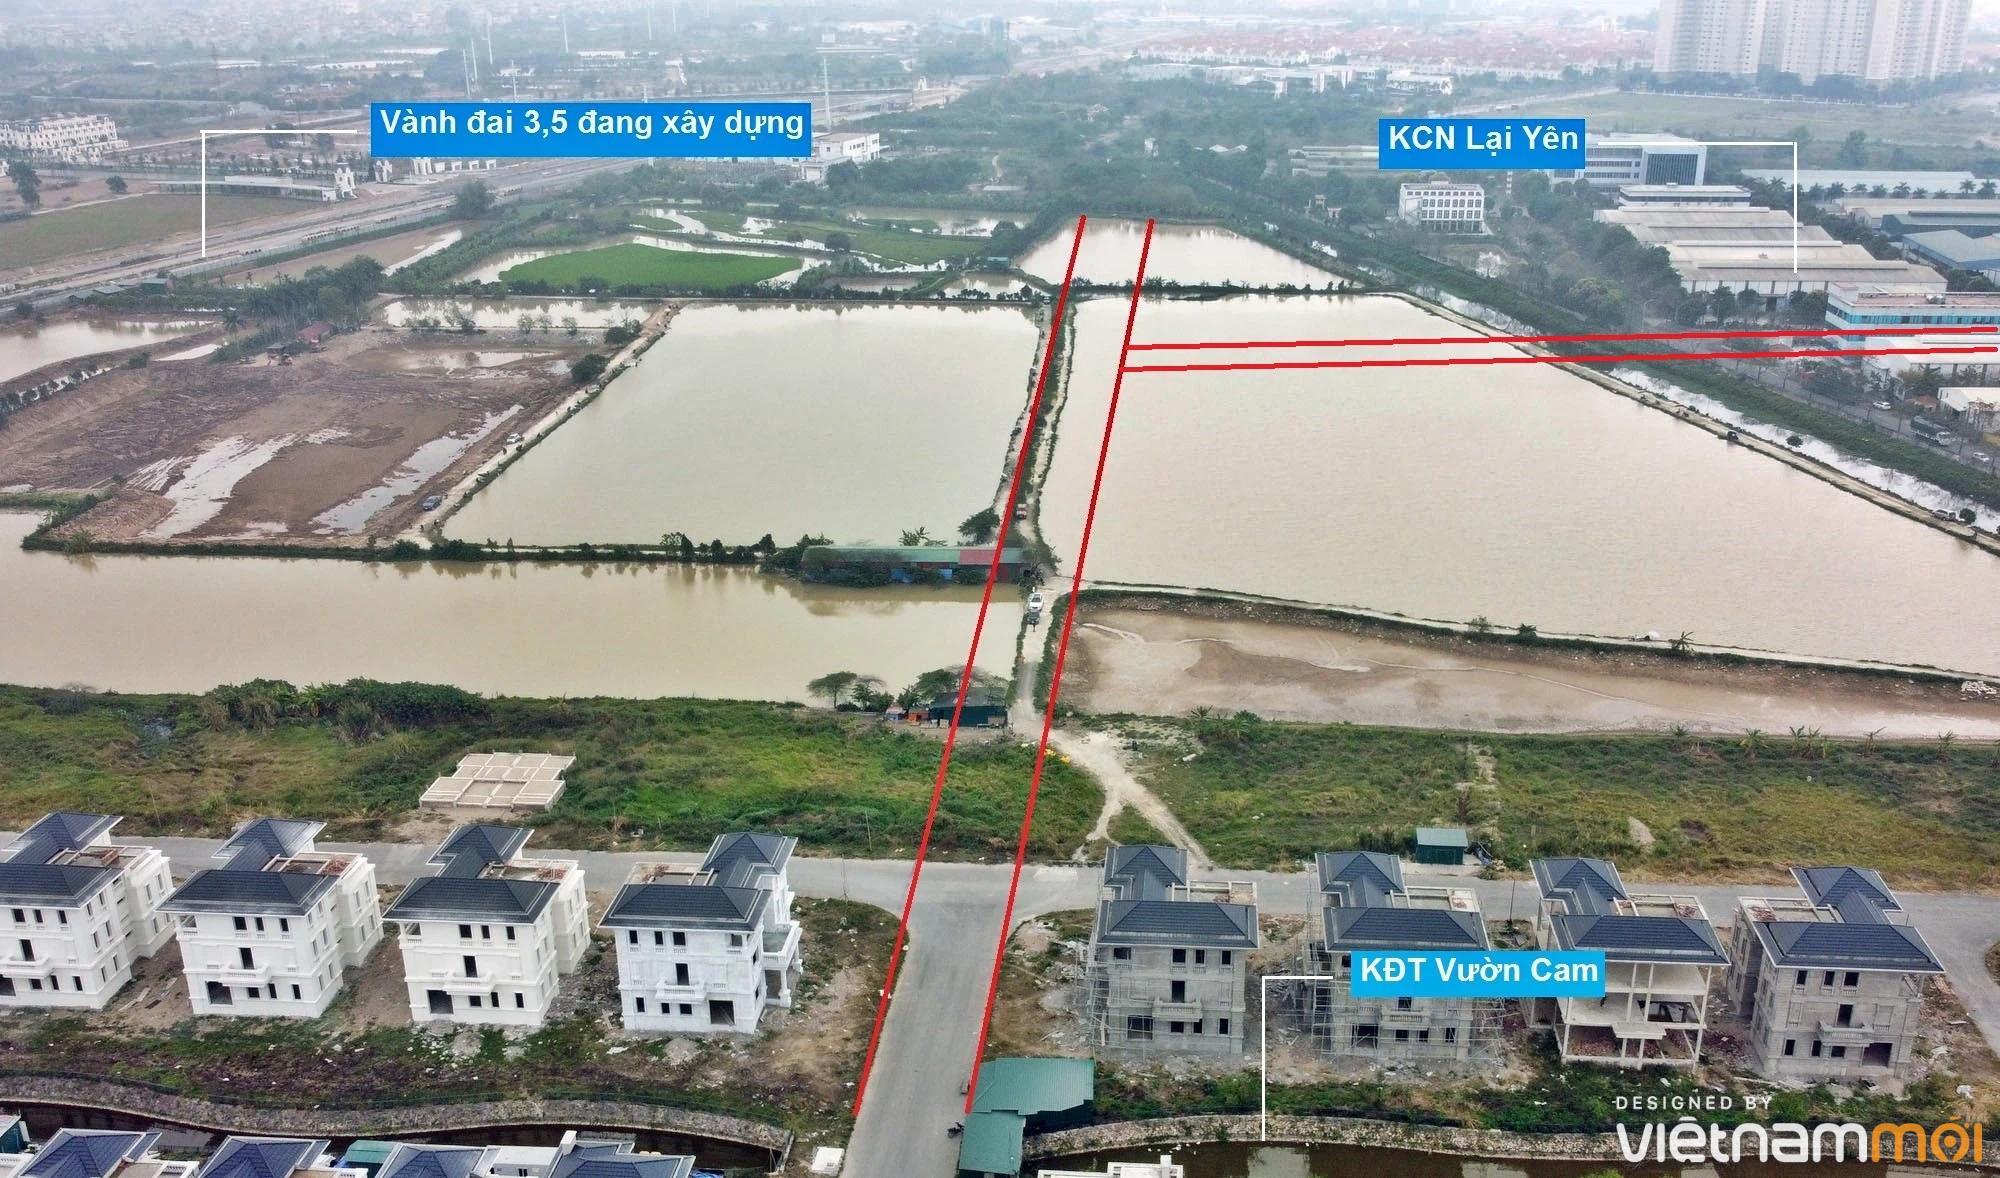 Đường sẽ mở theo quy hoạch ở xã Vân Canh, Hoài Đức, Hà Nội (phần 4) - Ảnh 11.